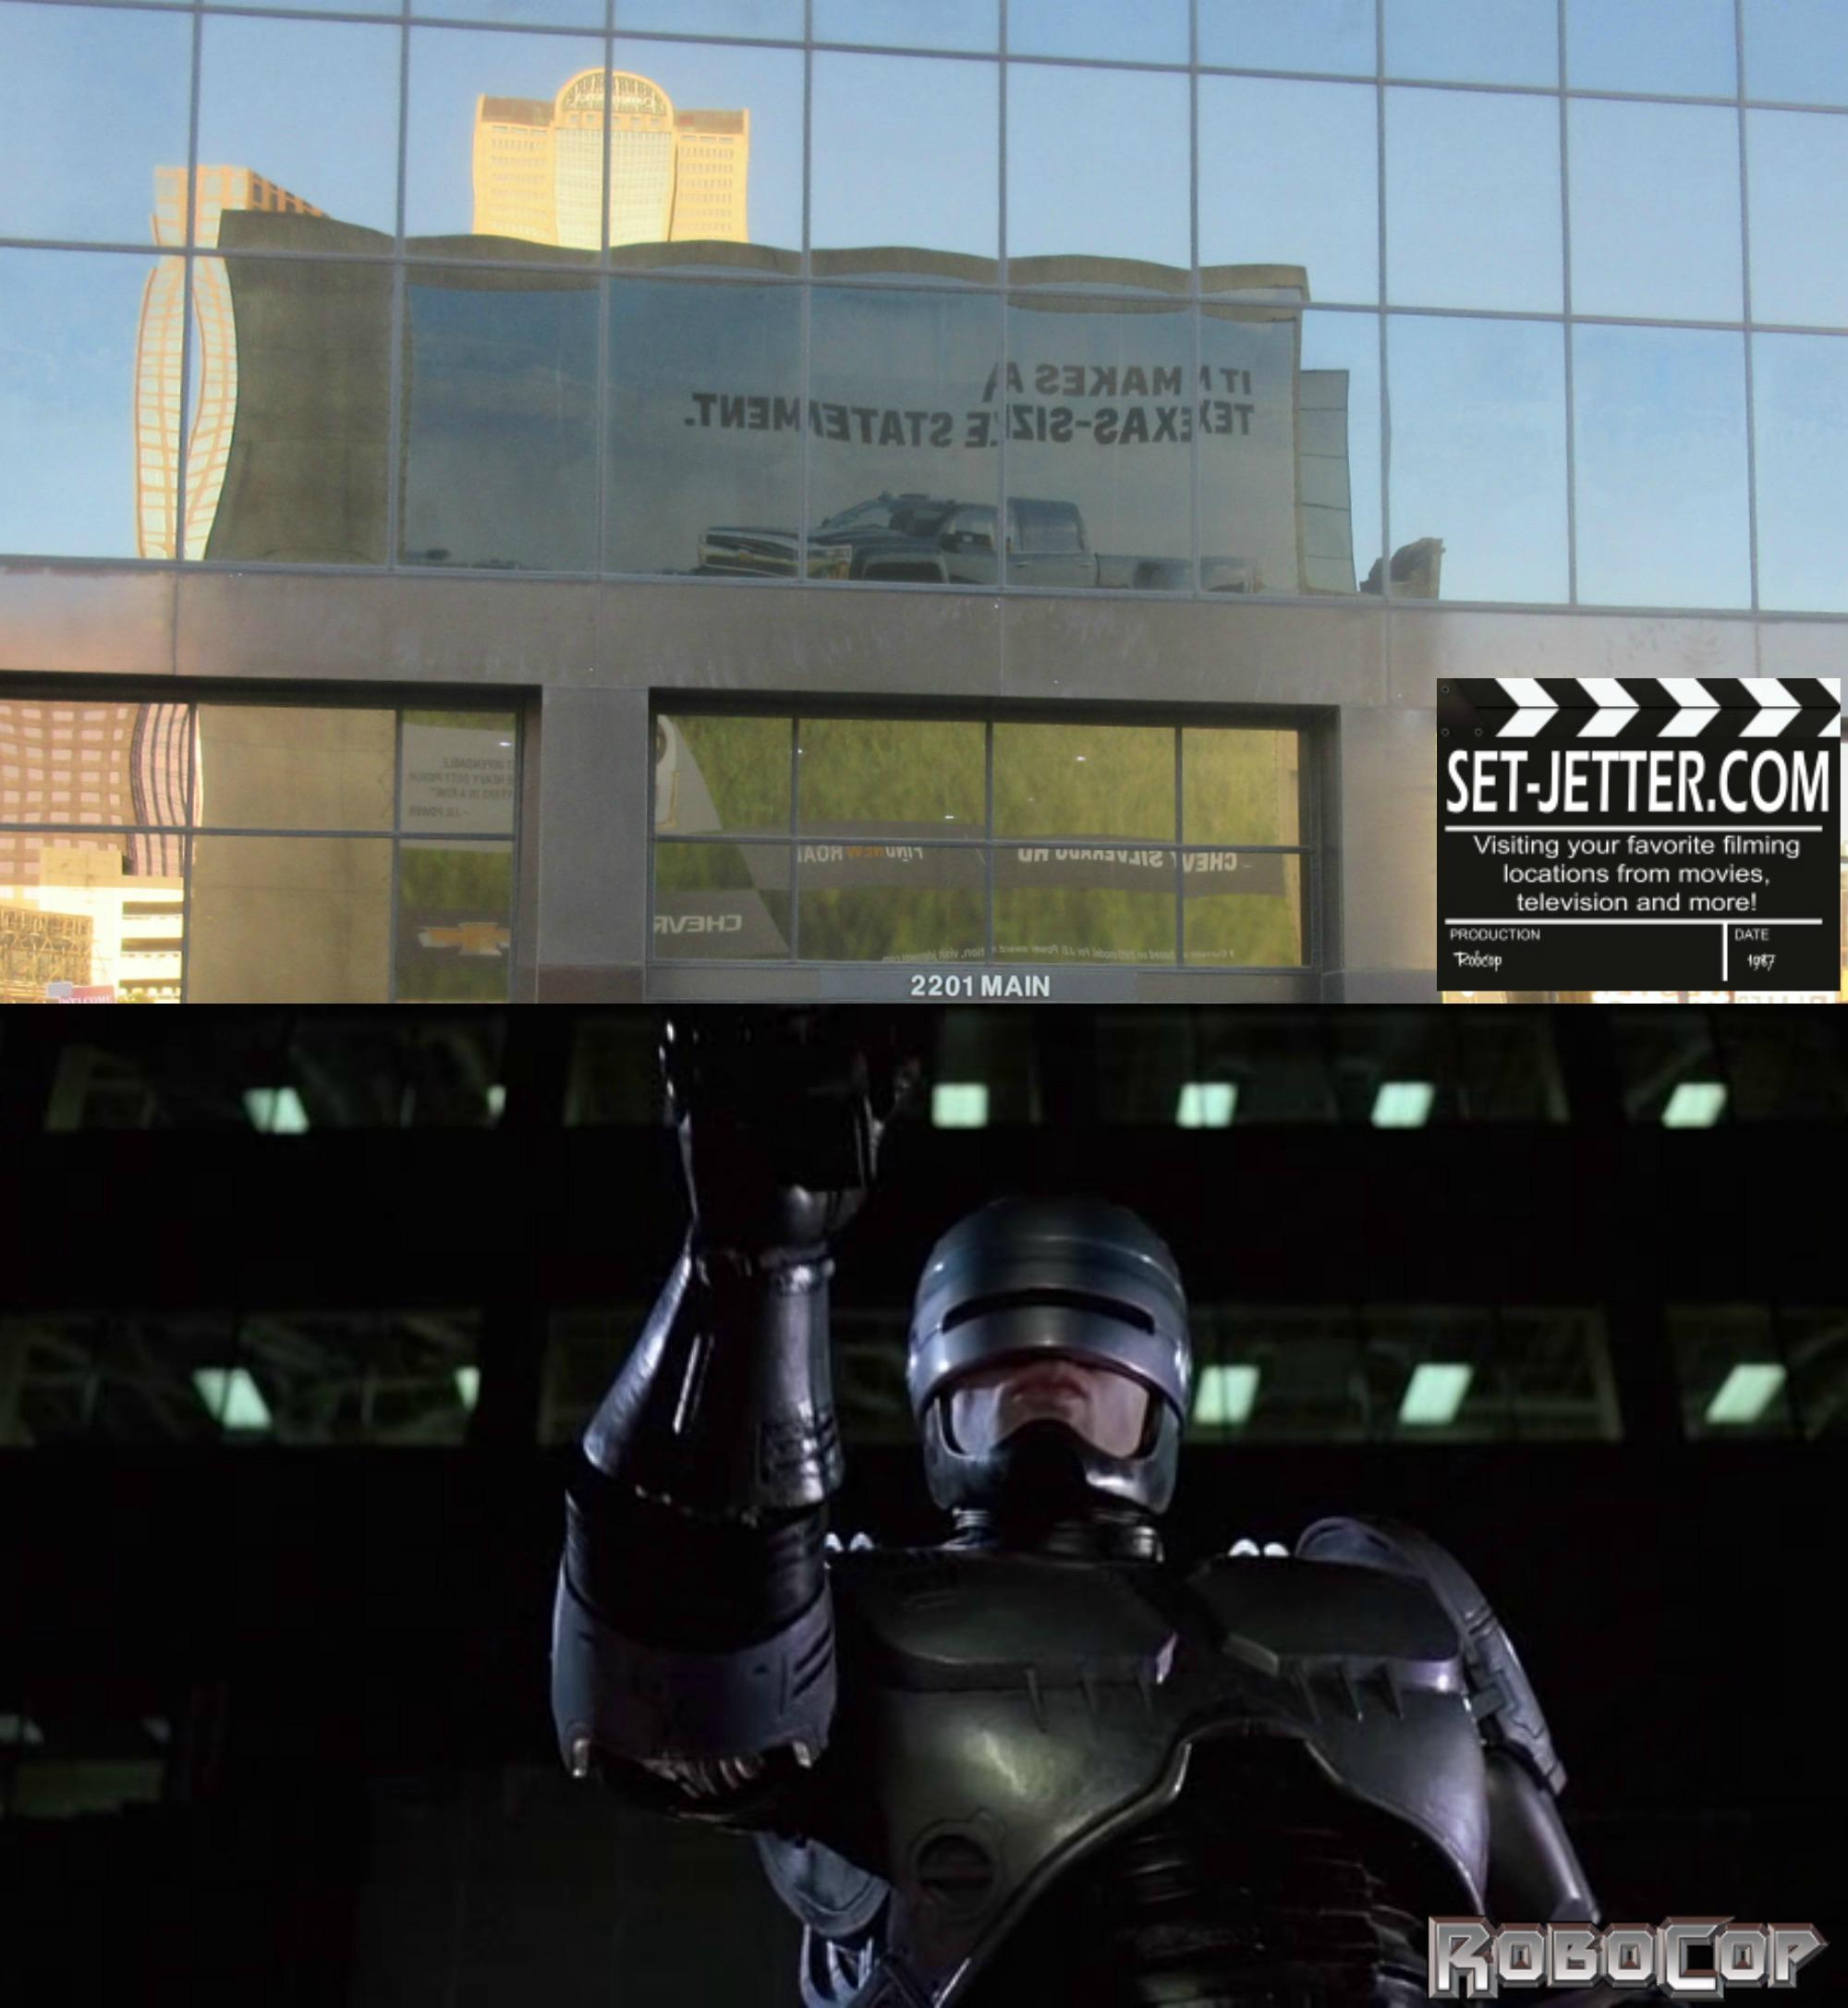 Robocop comparison 64.jpg